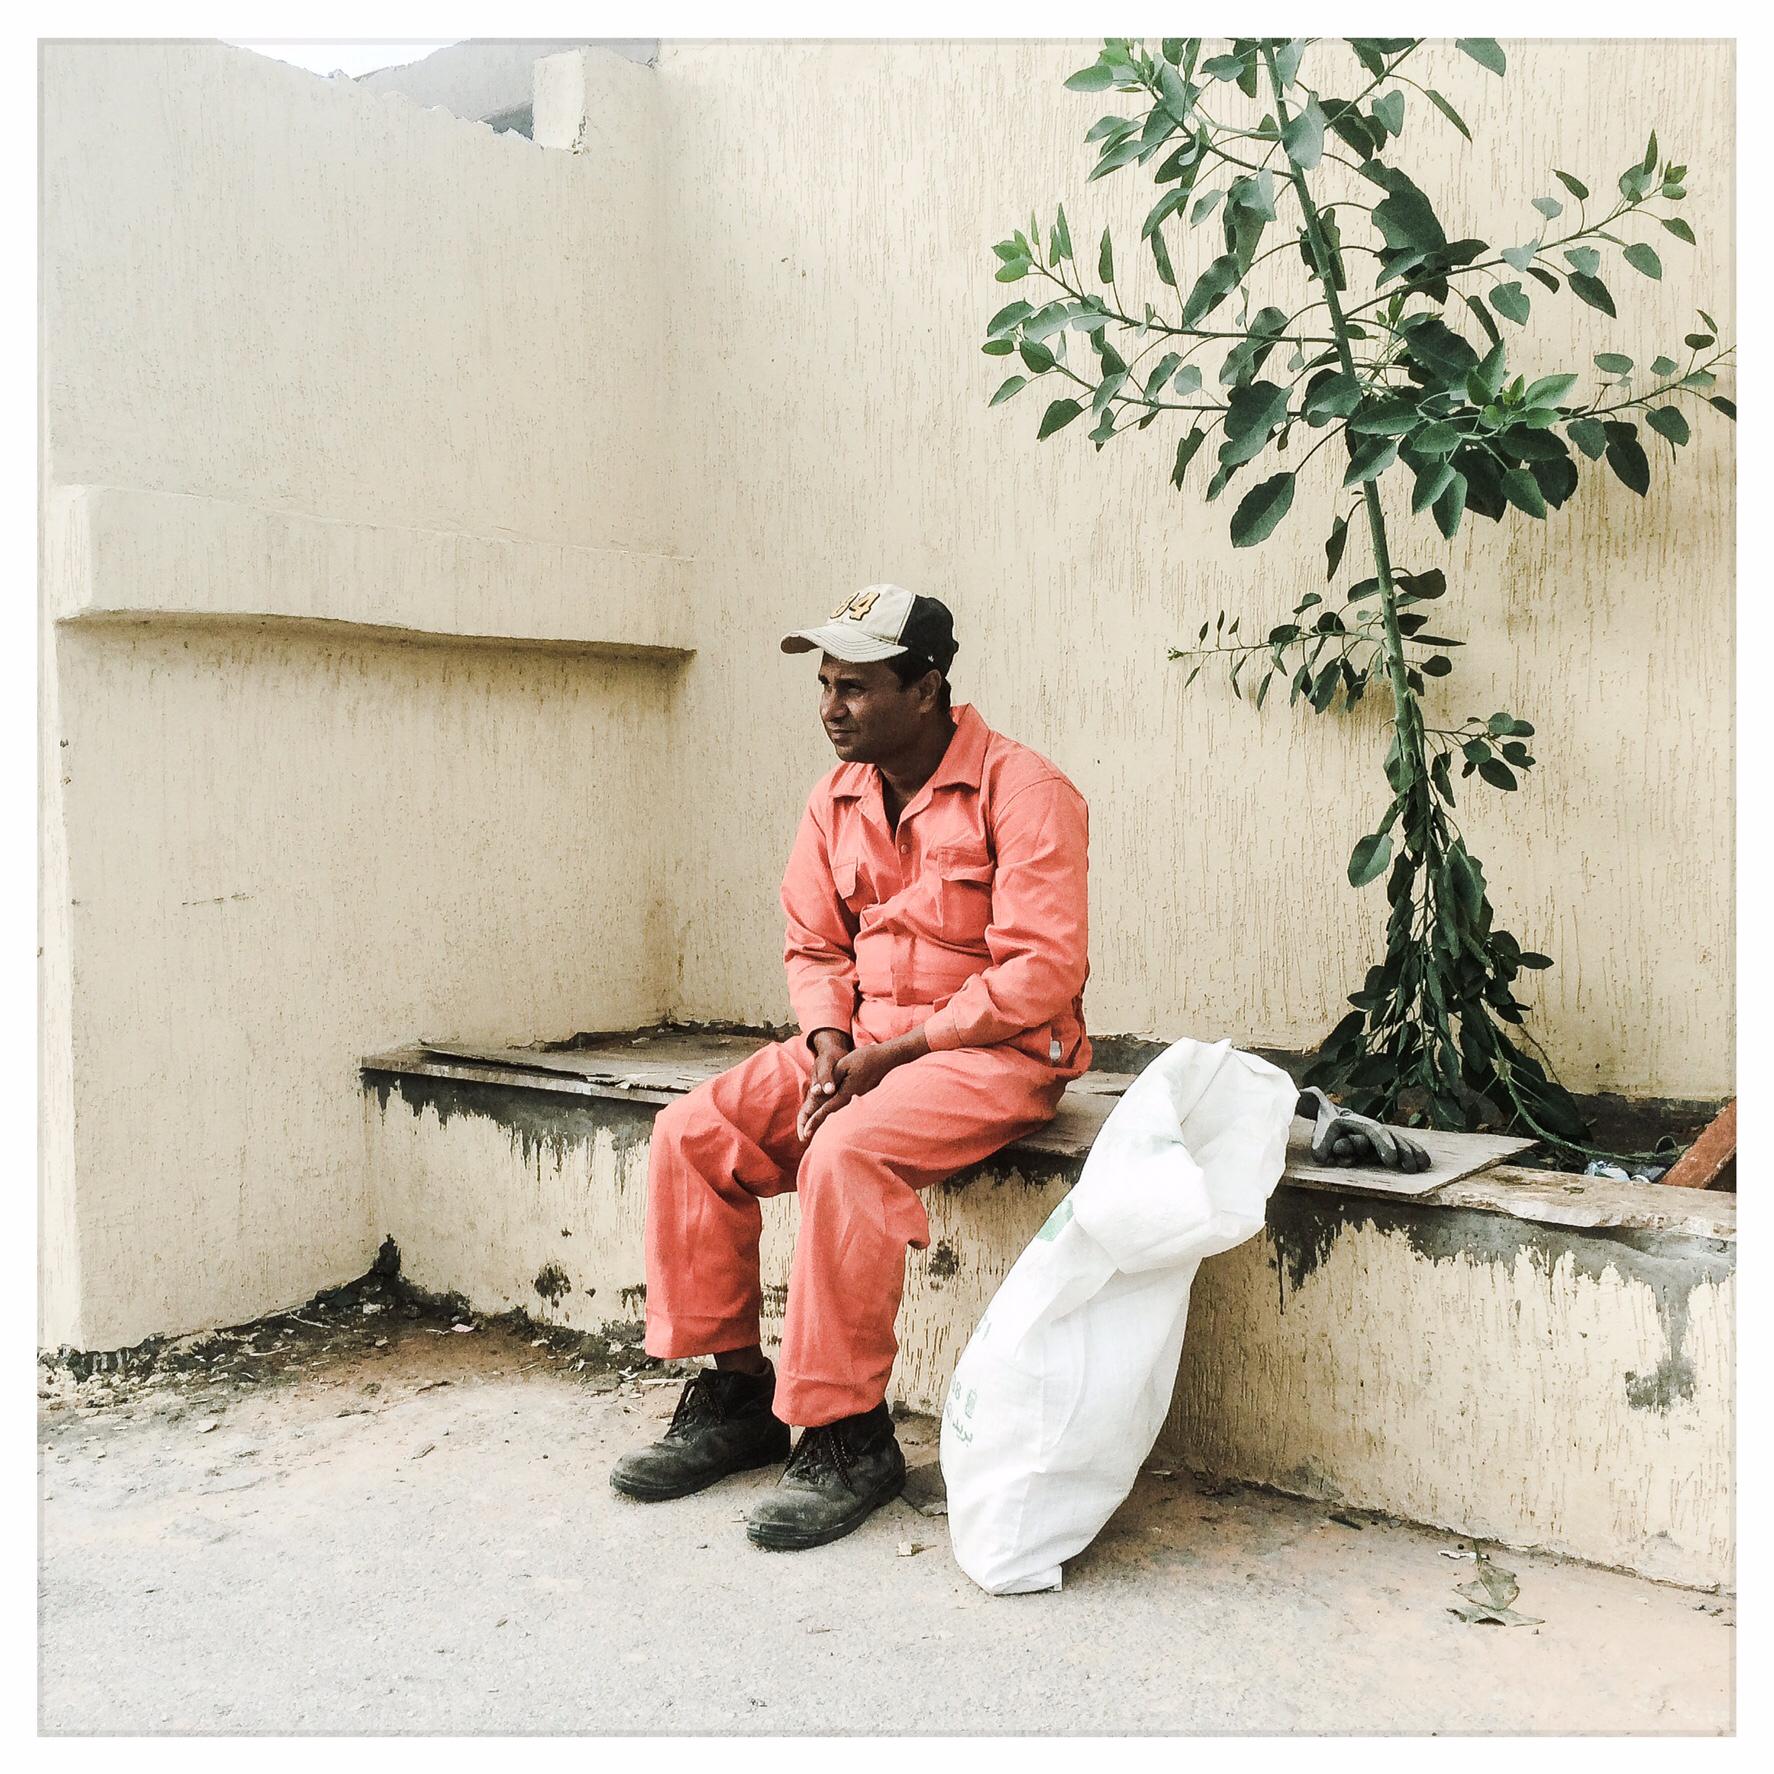 ABDURRAUF BEN MADI Tripoli, Libya  benmadi.ly   @abdurrauf.ben.madi